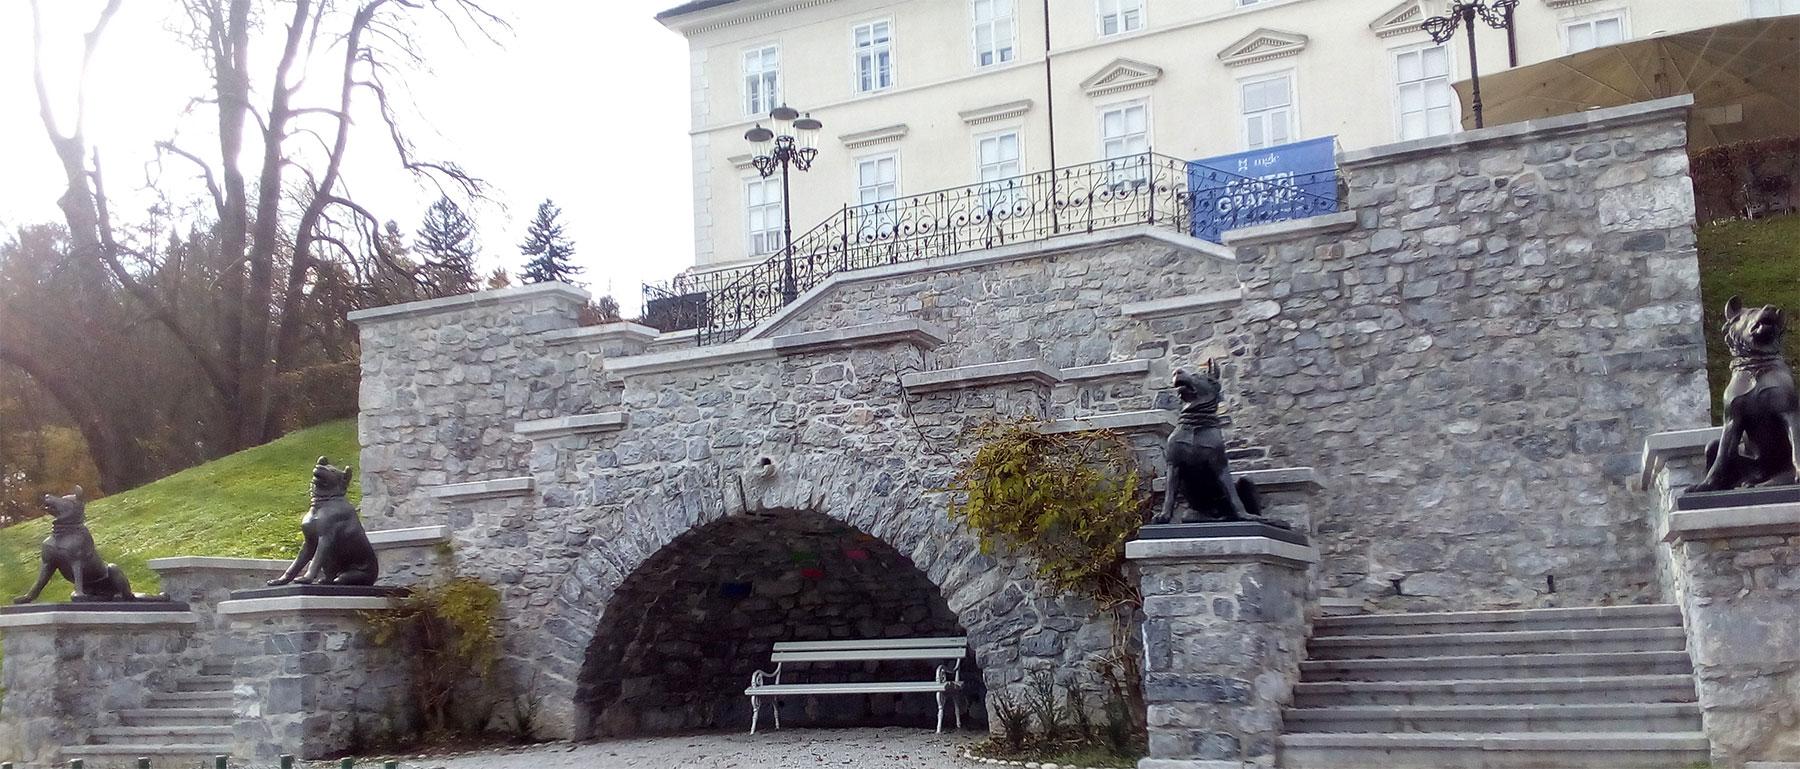 YouthMetre Study Group Slovenia